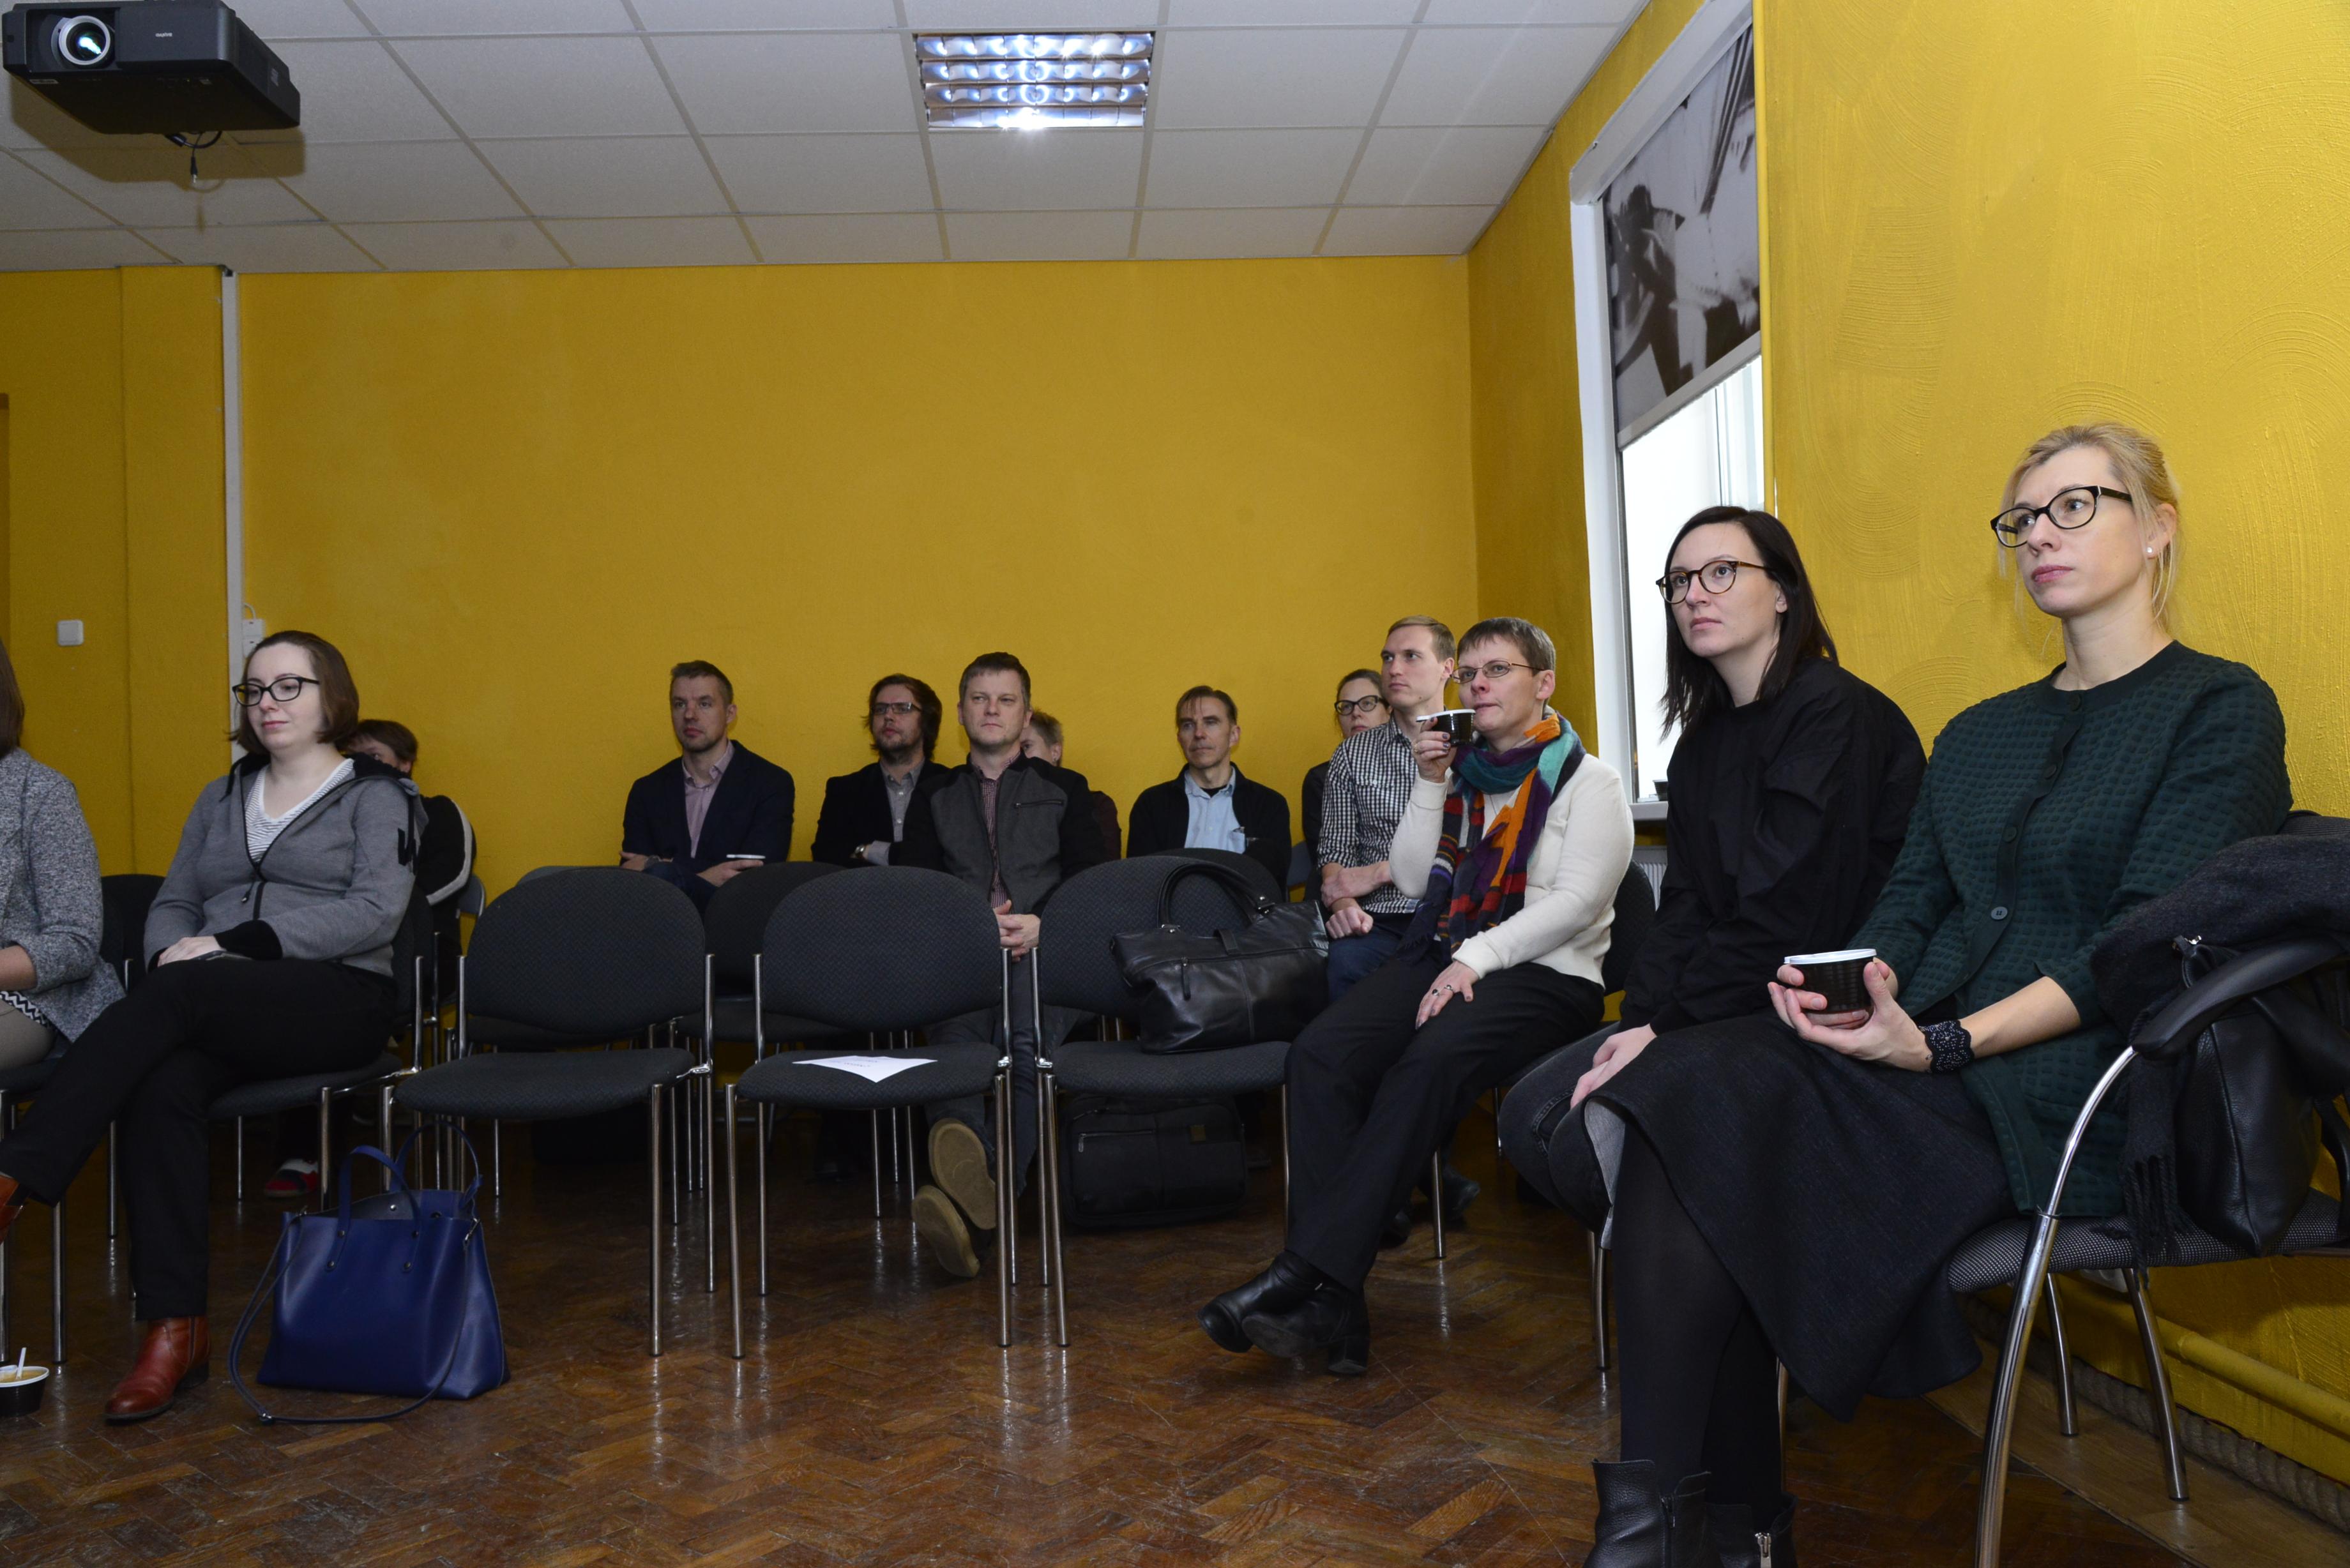 Filmipärandi töötuba, paremalt teine Lina Kaminskaitė-Jančorienė. Foto autor Mati Mänd (Rahvusarhiivi filmiarhiiv). koolitus-00003